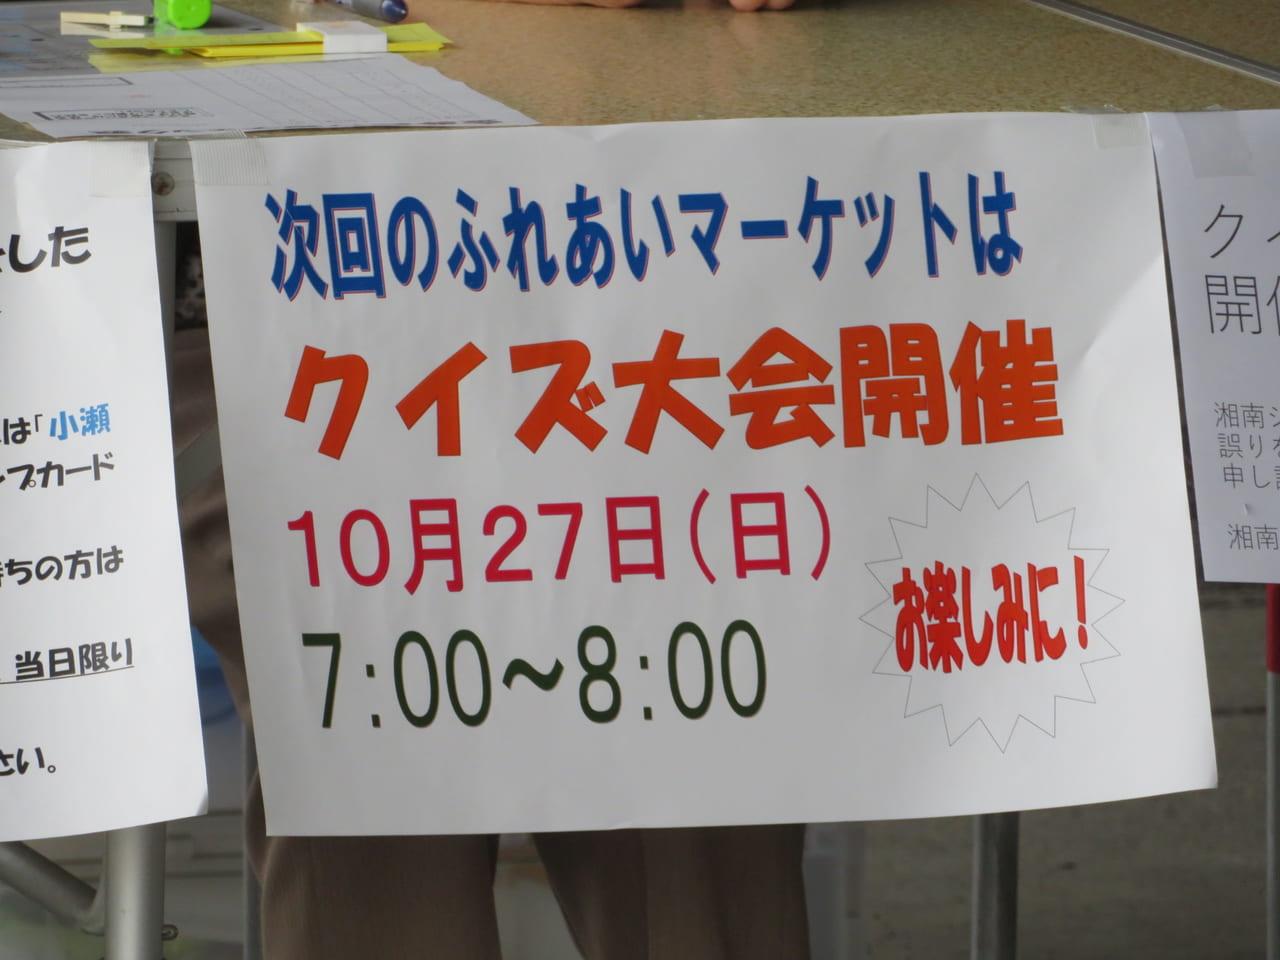 「湘南ふれあいマーケット(朝市)」が開催される平果地方卸売市場